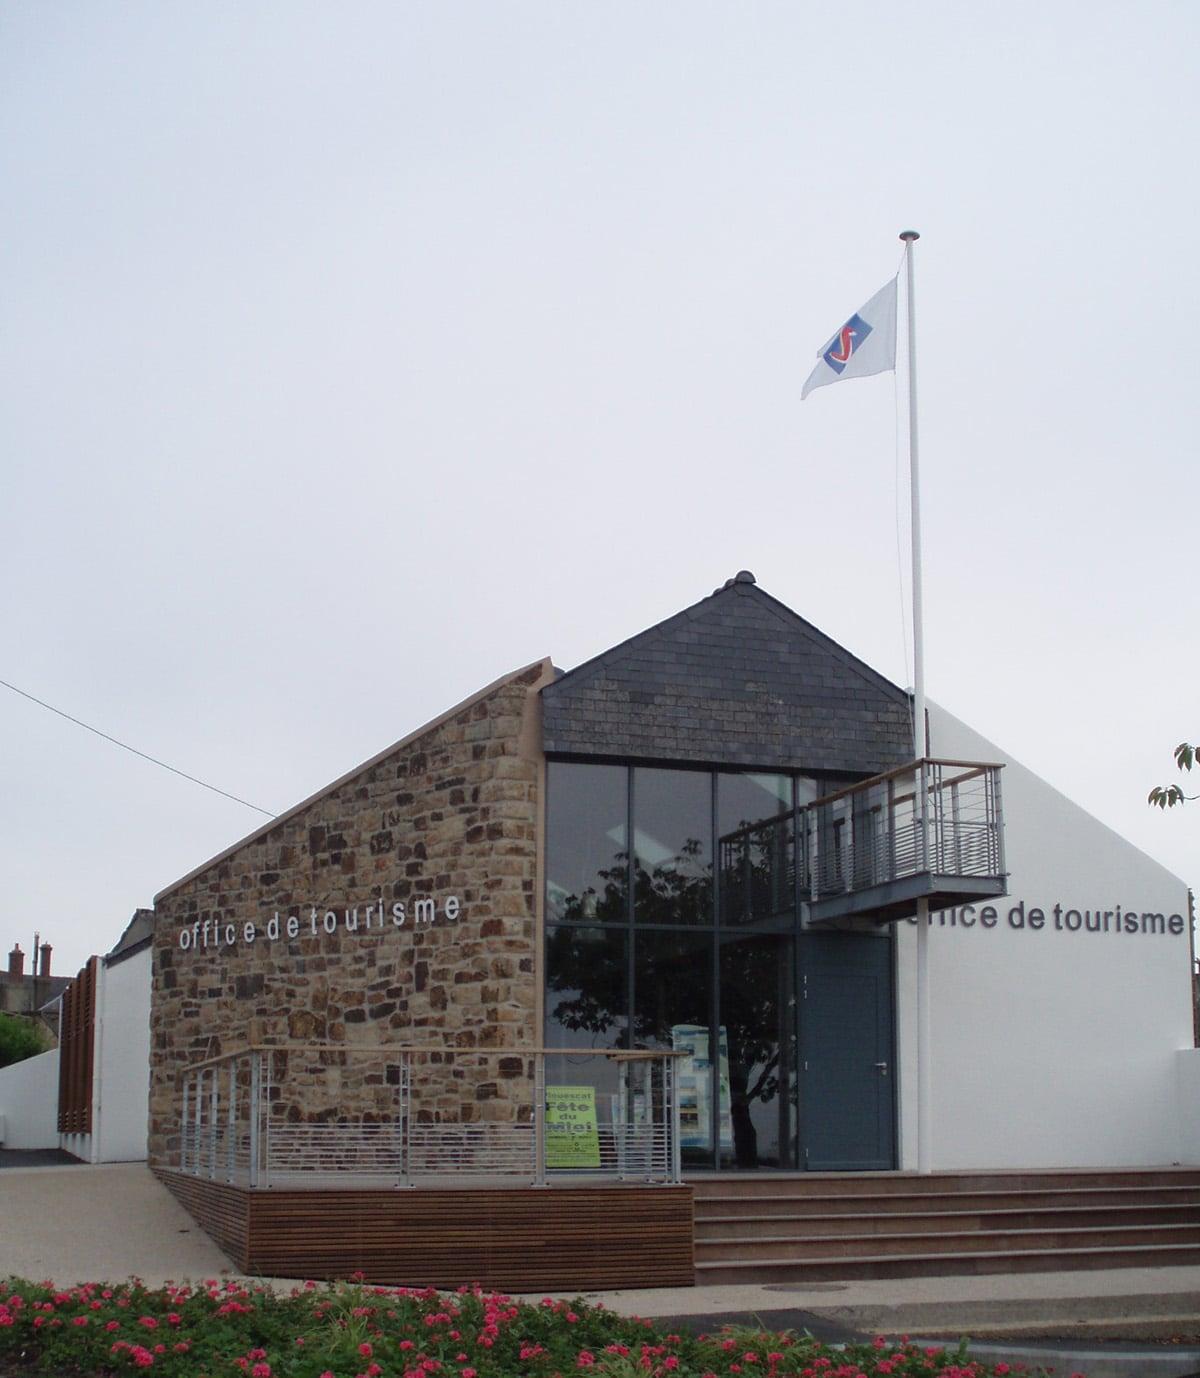 Maison du tourisme de plouescat martial architecte - Office du tourisme plouescat ...